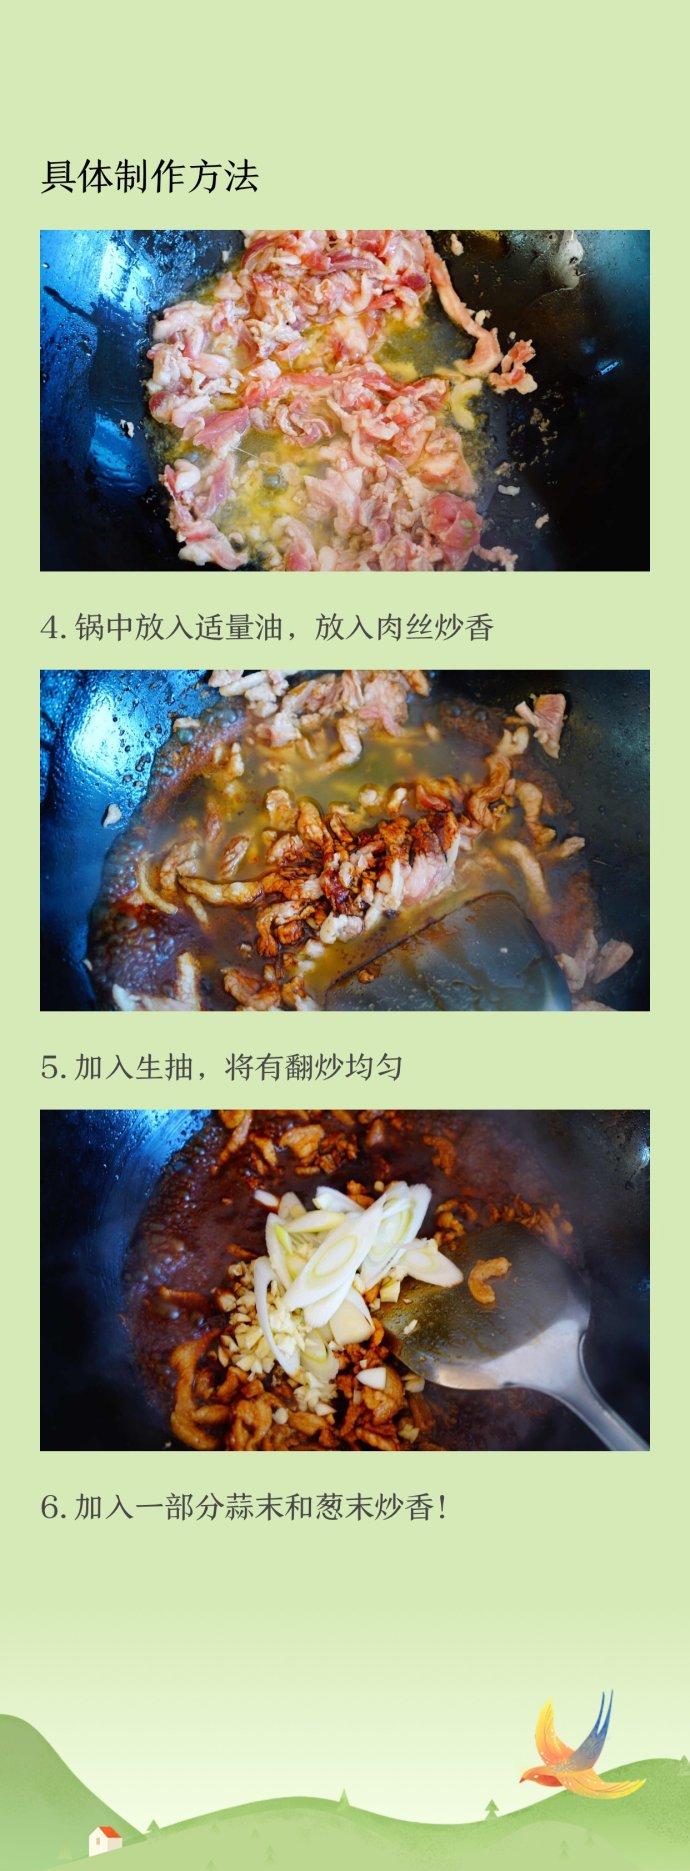 香芹肉丝炒米粉